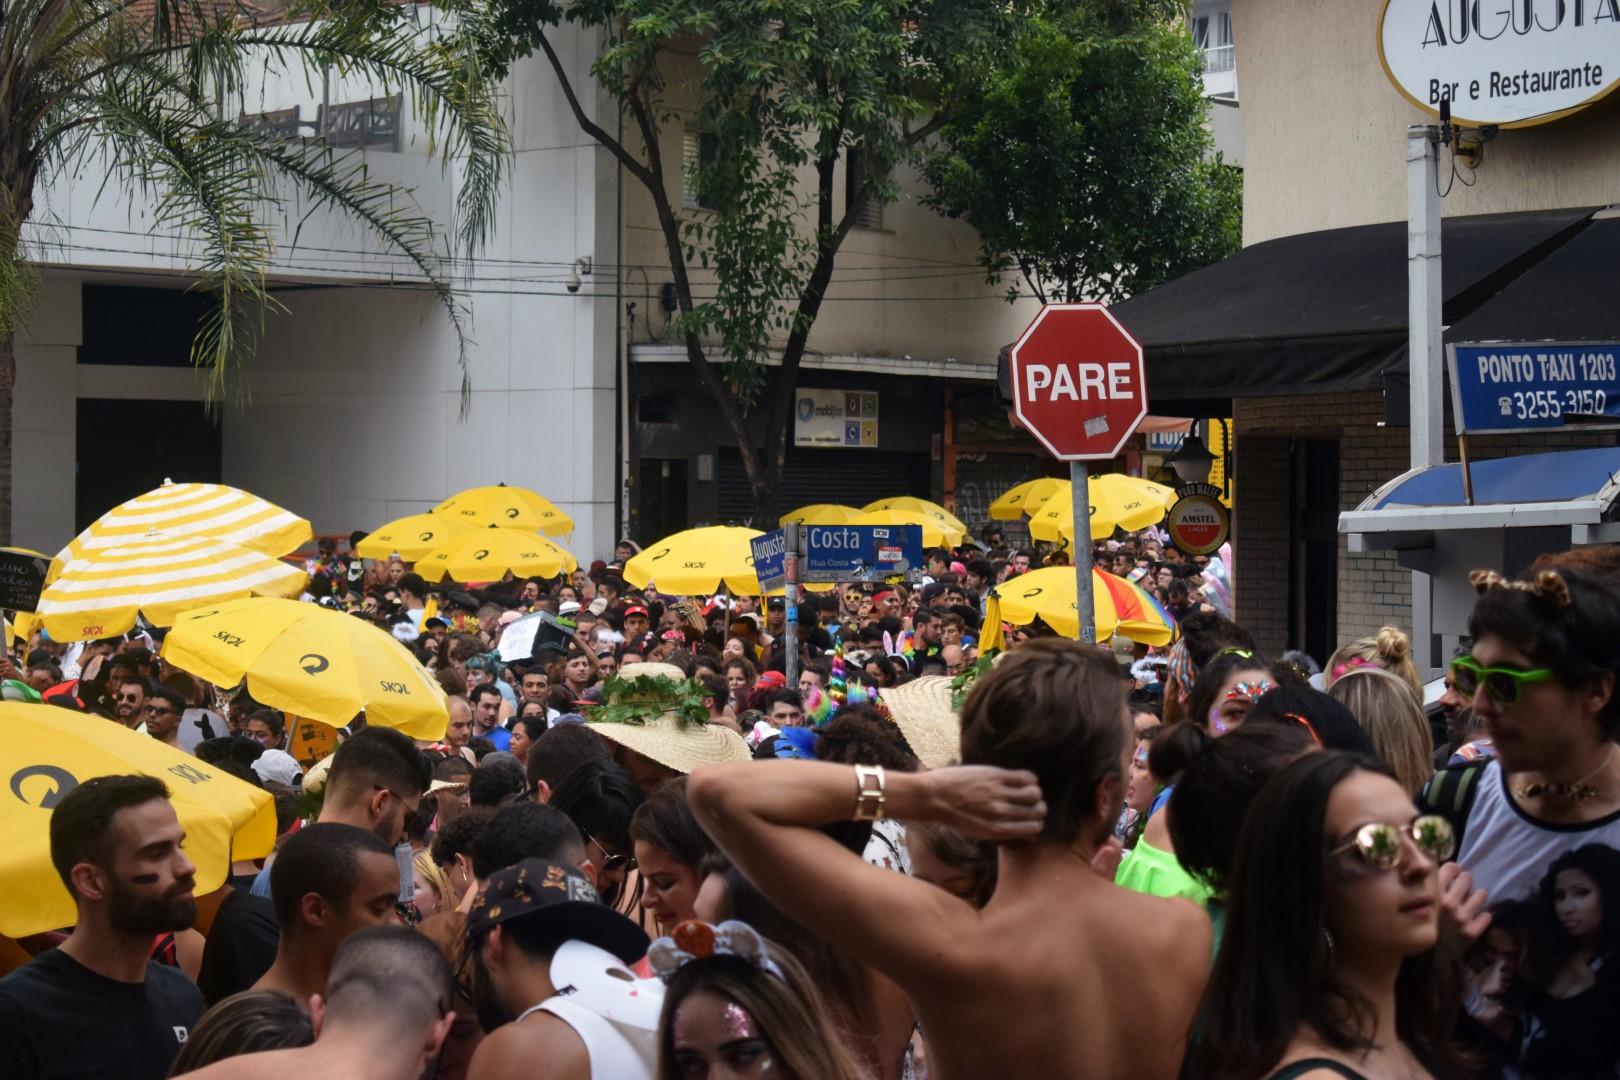 Bloco Sai, Hétero!, rua Augusta, São Paulo